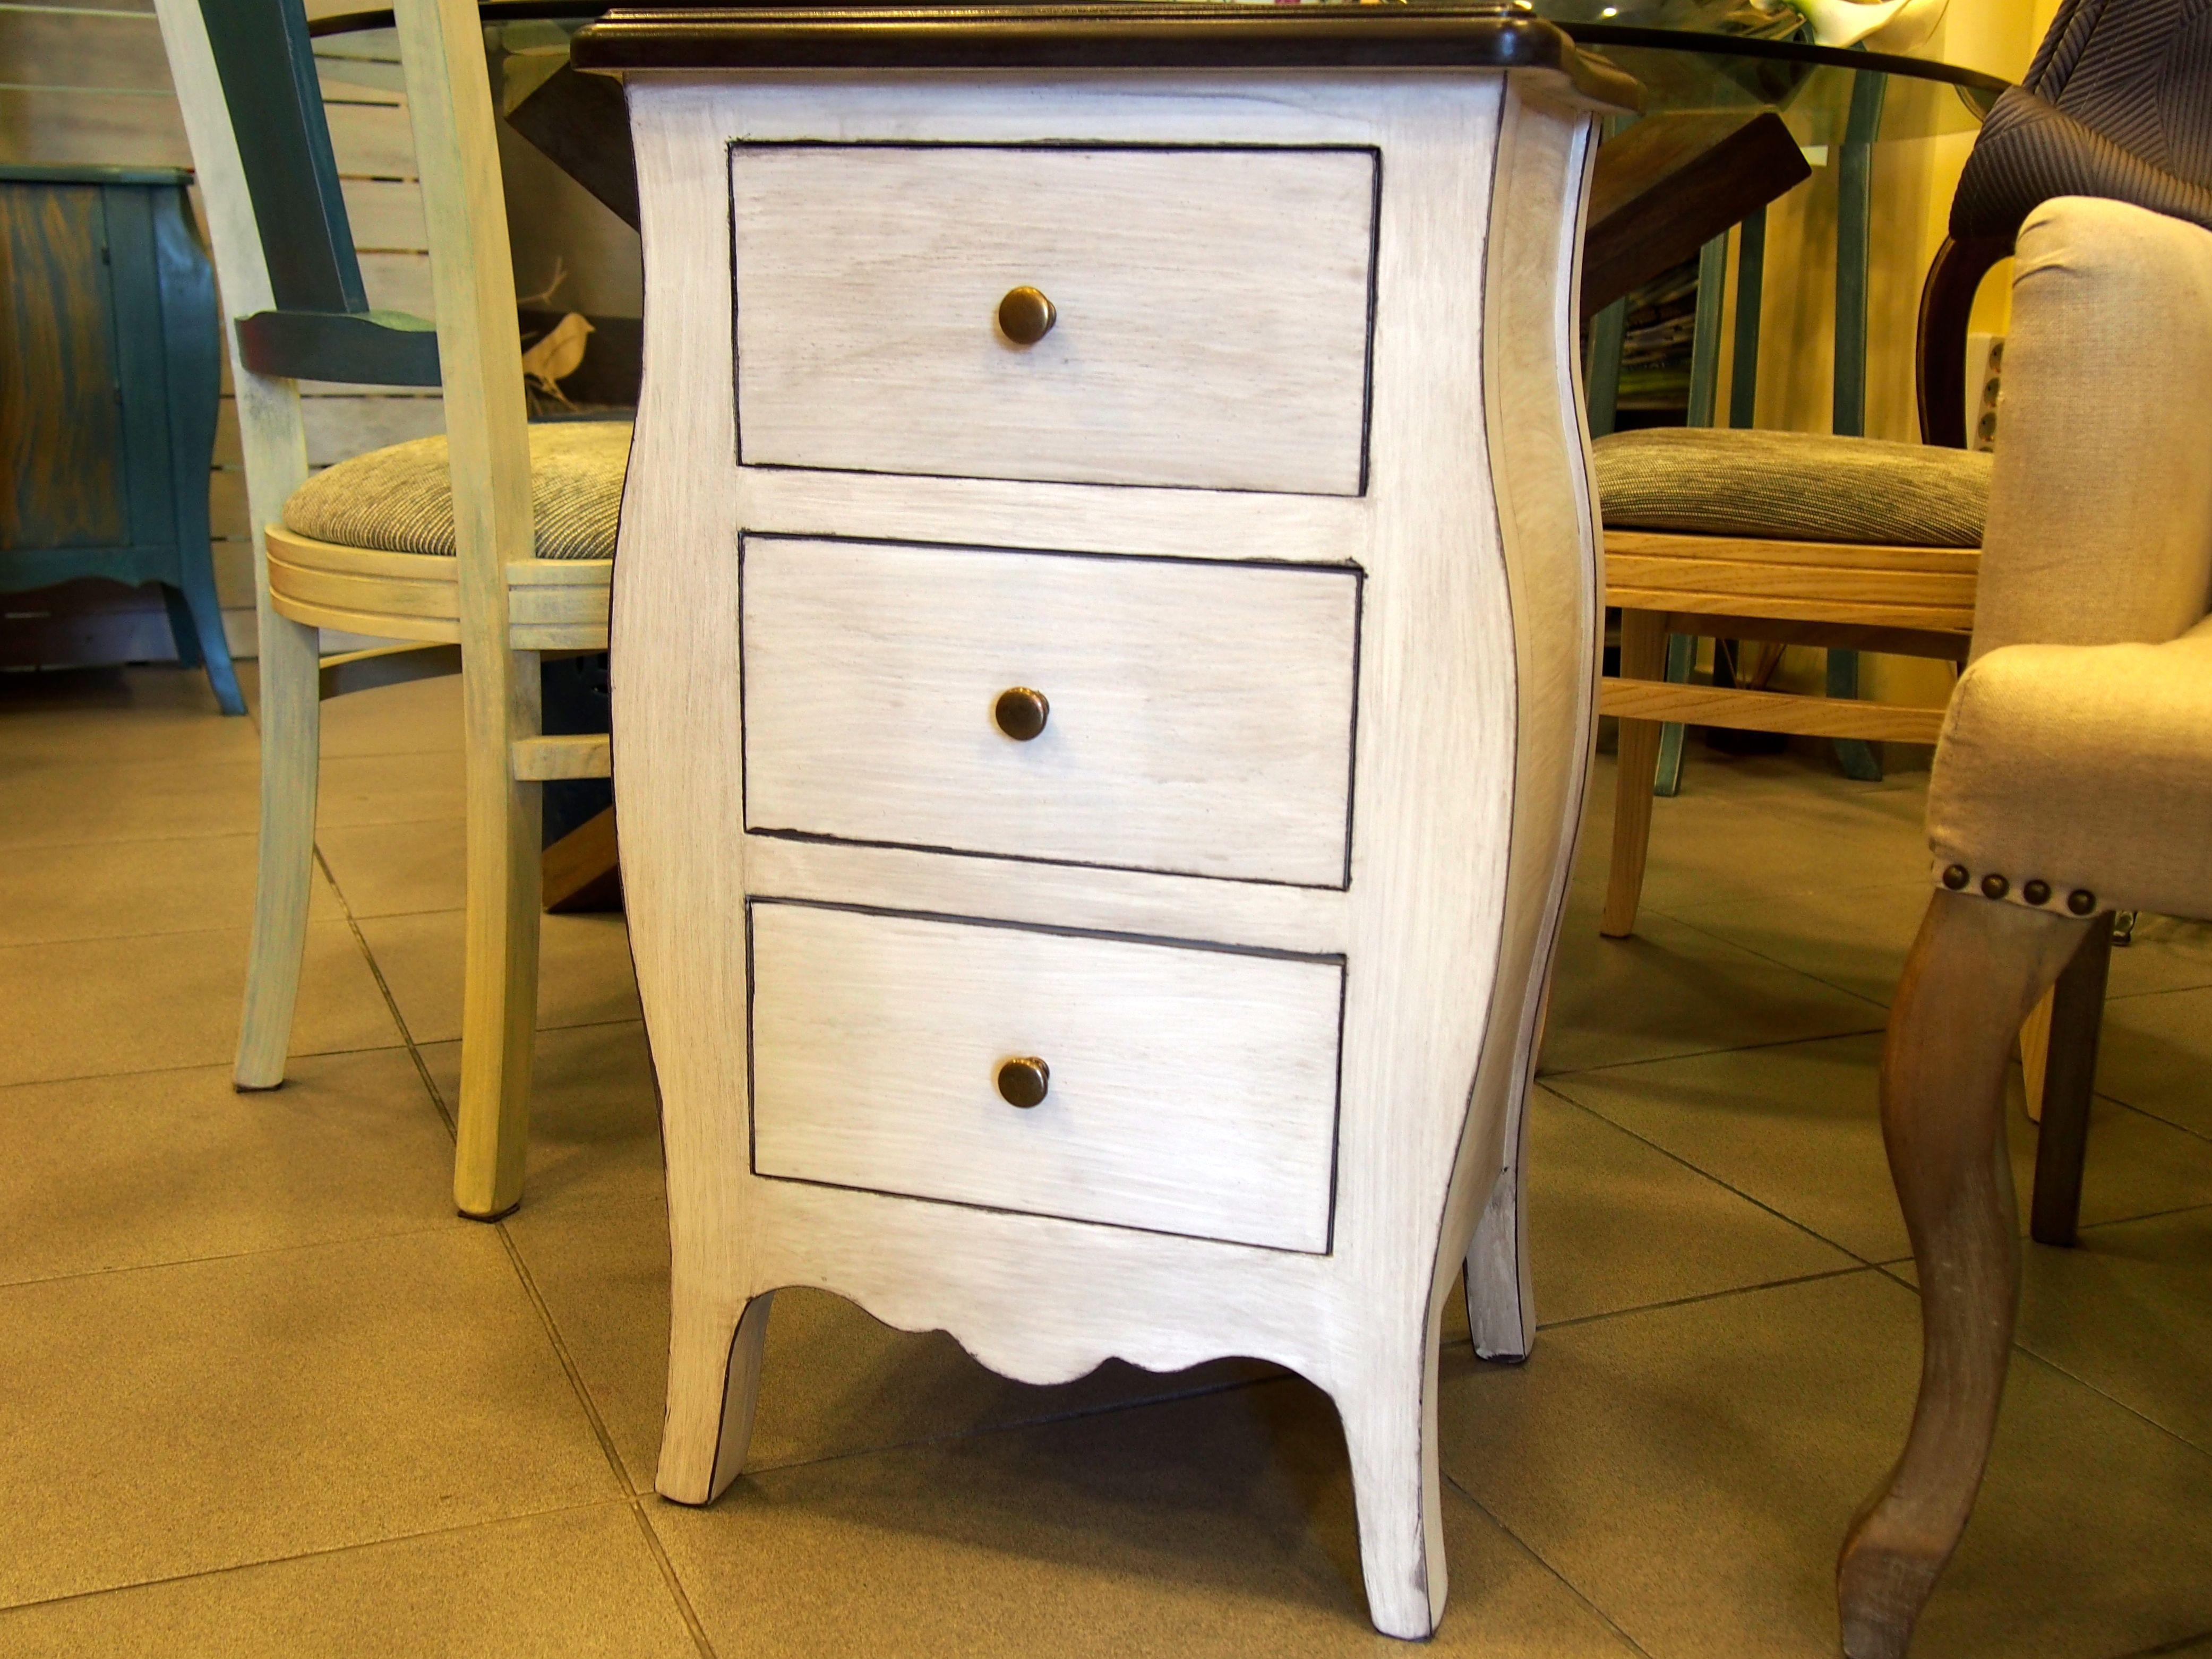 Mueble pintado a mano mesilla en blanco envejecido y tapa - Muebles de madera pintados a mano ...